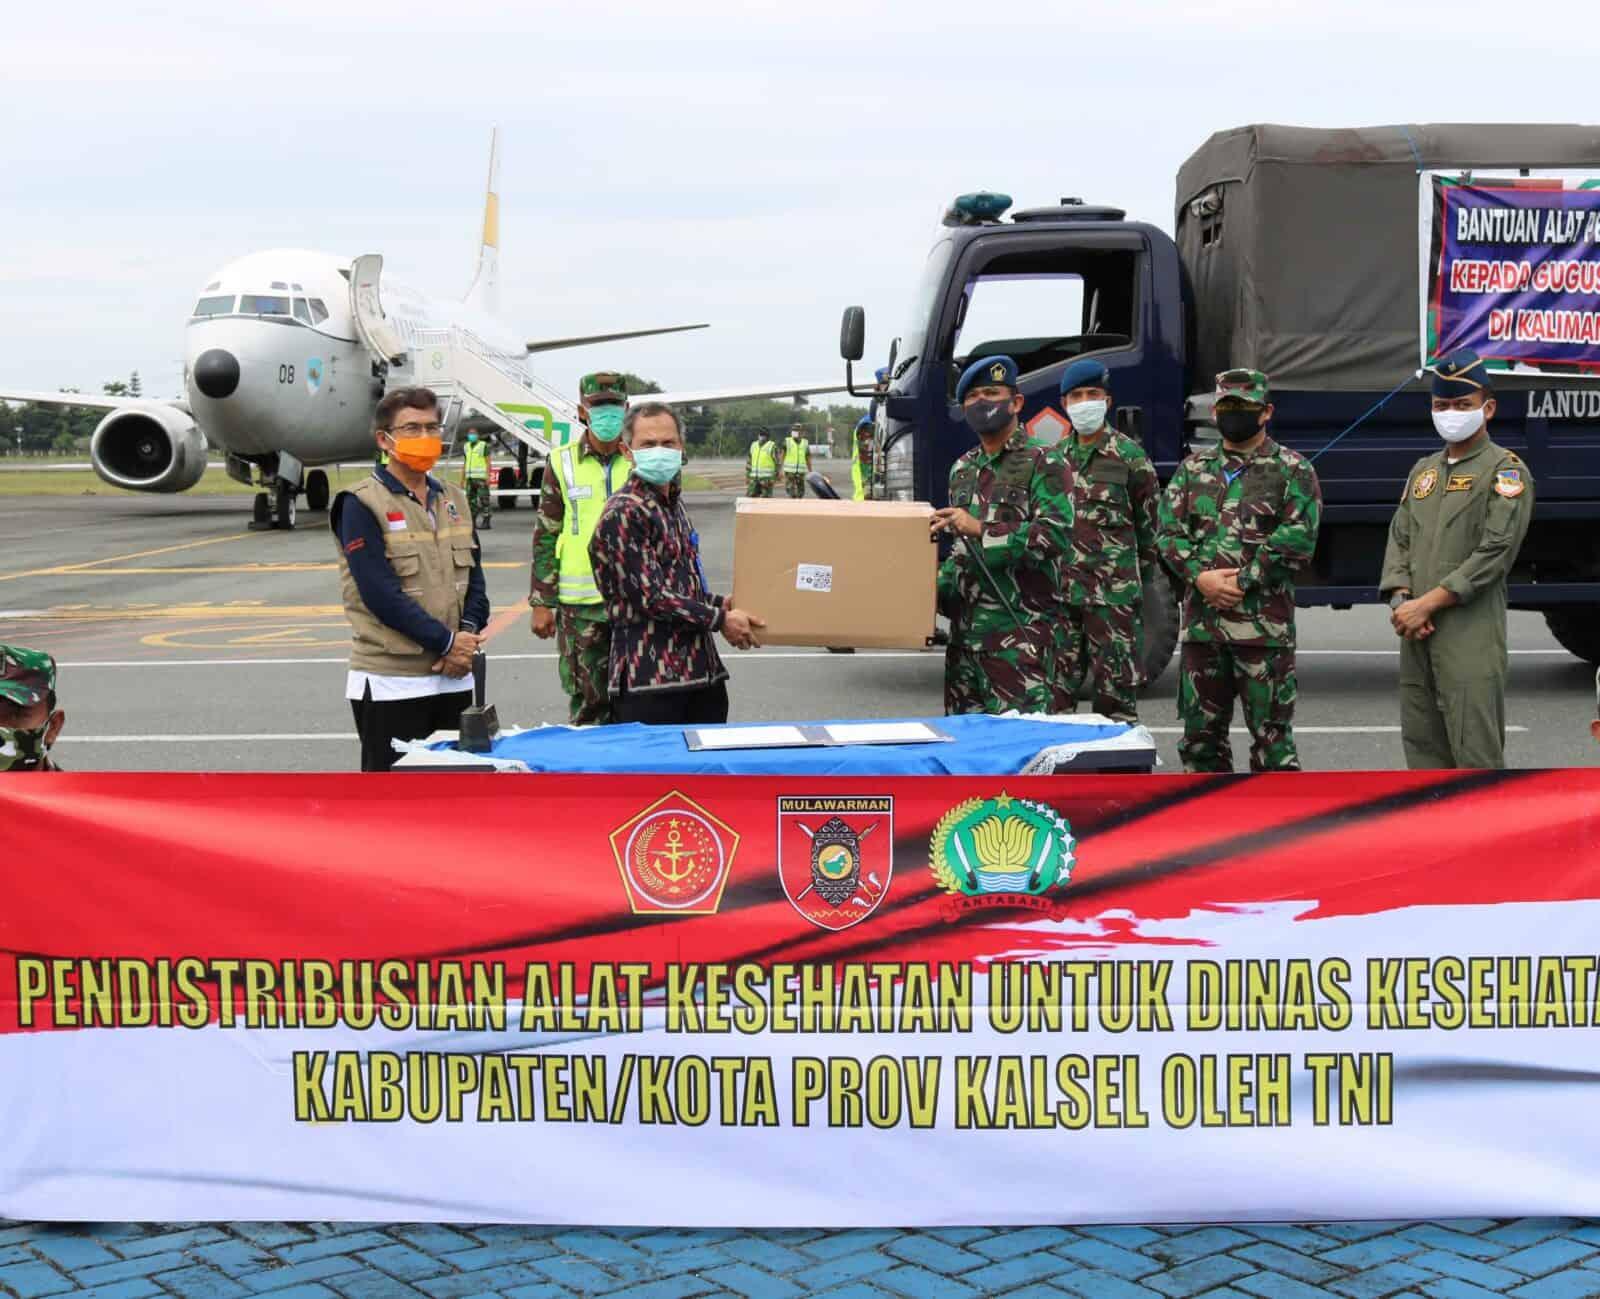 Kembali TNI AU, Bantu Distribusikan APD Bagi Tenaga Medis di Kalimantan Selatan